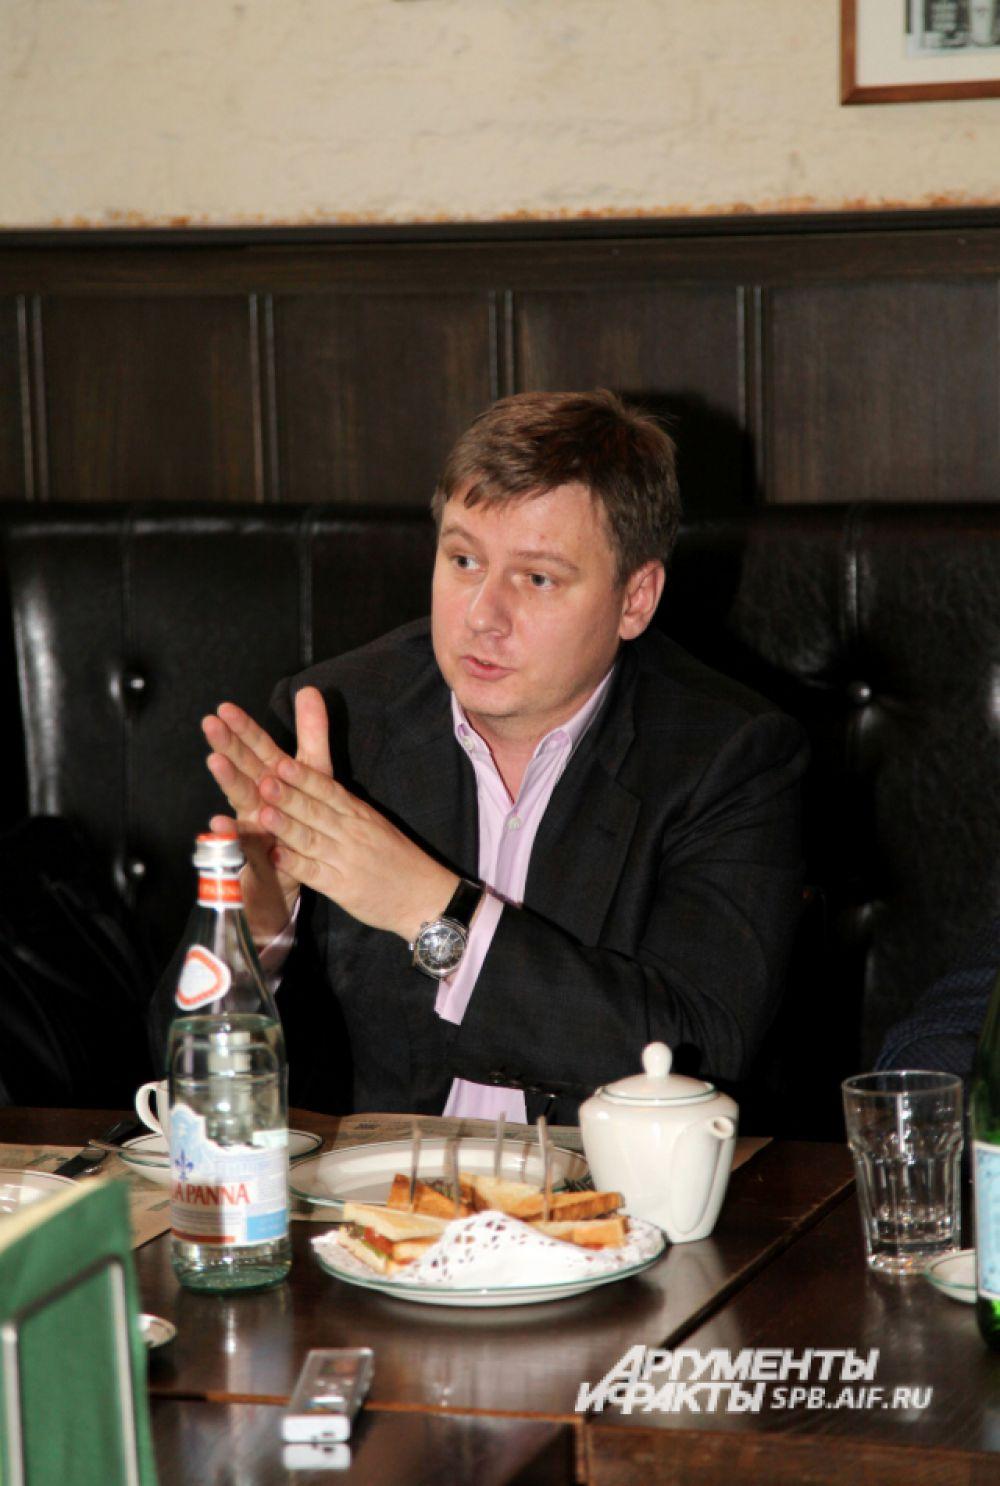 Алейников Игорь Станиславович, генеральный директор Автопарка № 6 «Спецтранс»